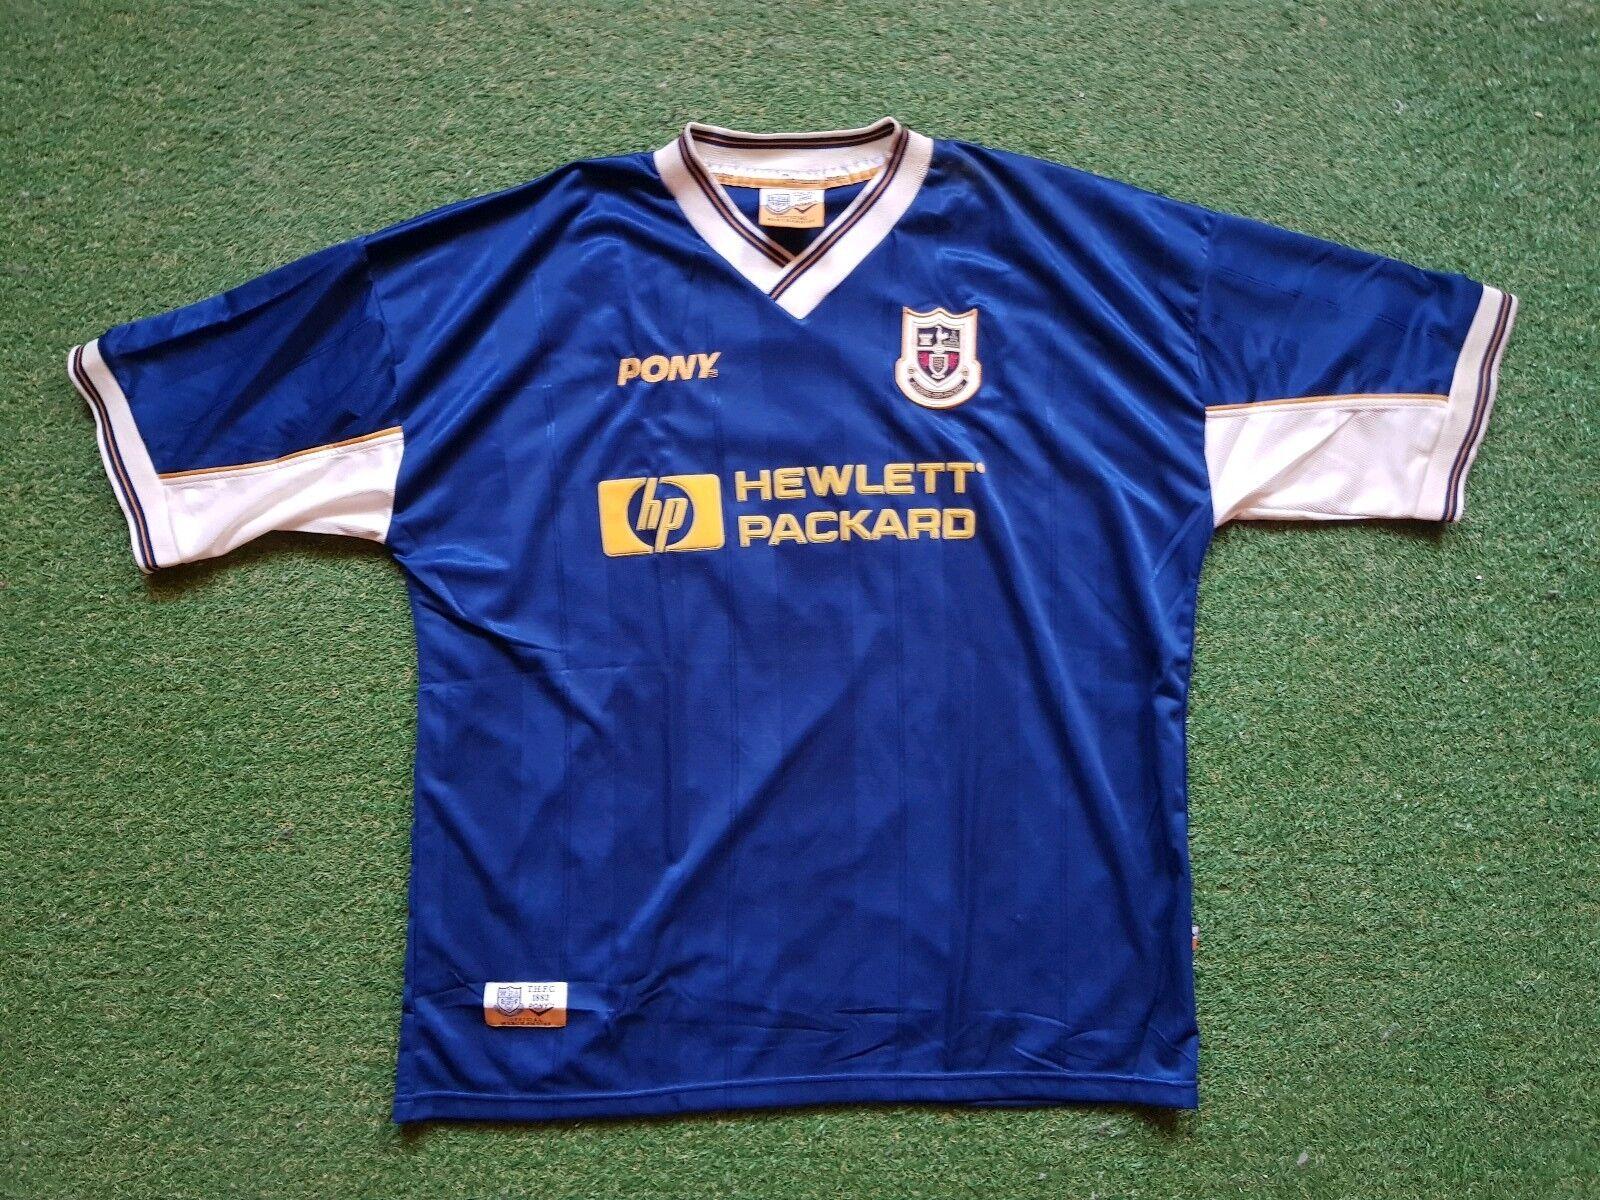 Tottenham Hotspur Football Shirt XXL Pony 1997 1998 JERSEY TRIKOT HEWLETT